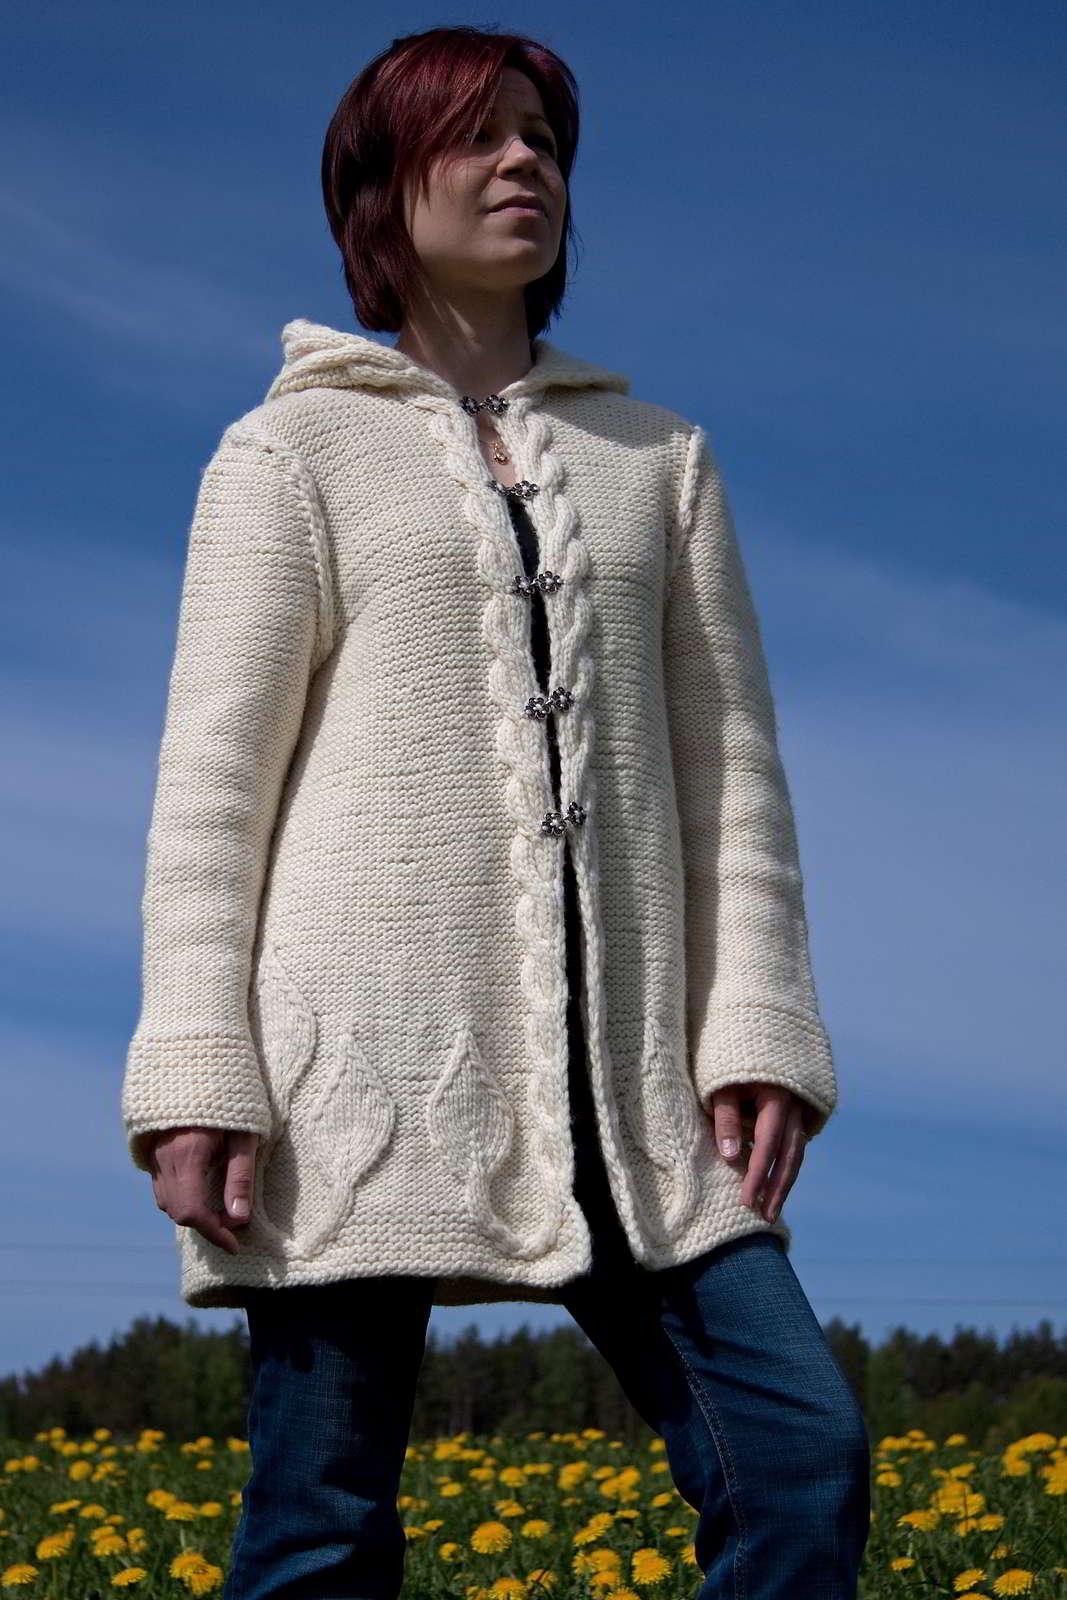 Кардиган свободного кроя - Baggy sweater - Modnoe Vyazanie m 30